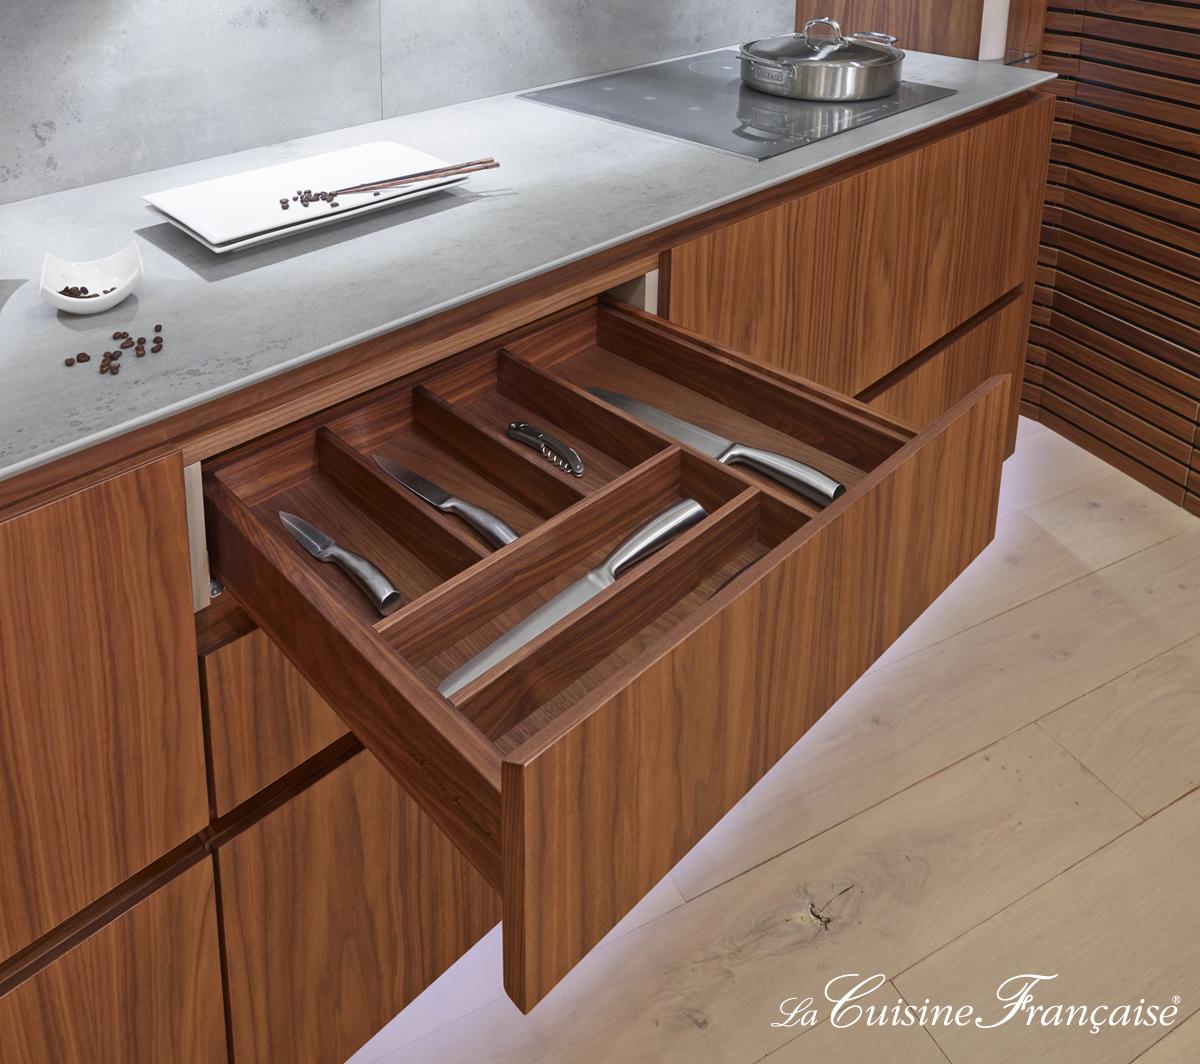 le sur mesure jusqu'au choix de la finition du range couvert et du tiroir en placage noyer